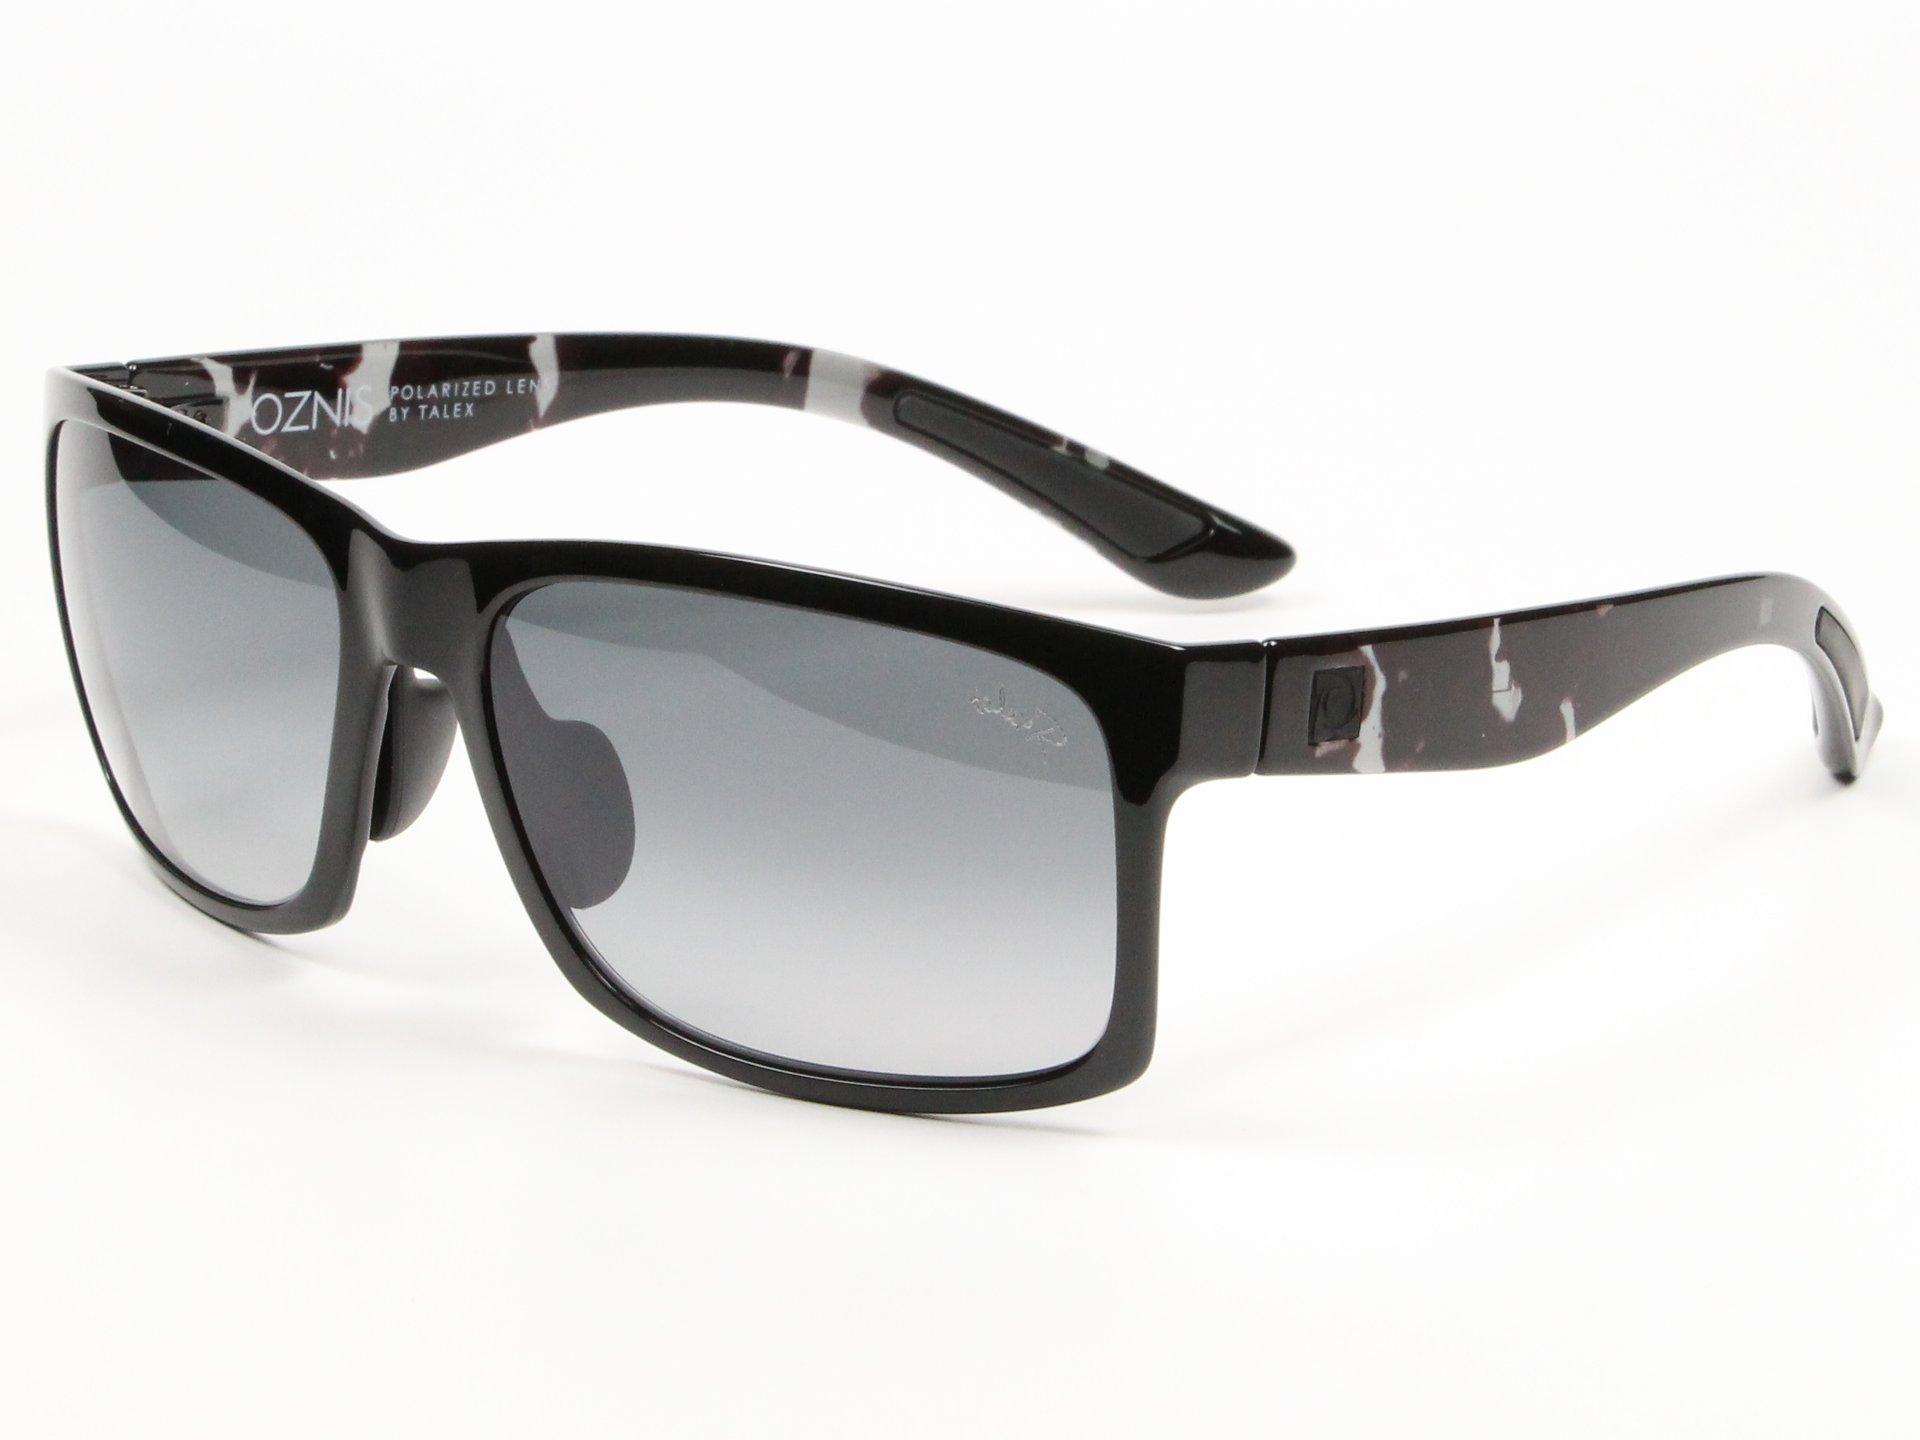 OZNIS FLAT07(オズニス・フラット07)グロスブラック/ブラックデミ/限定色グレーハーフの写真